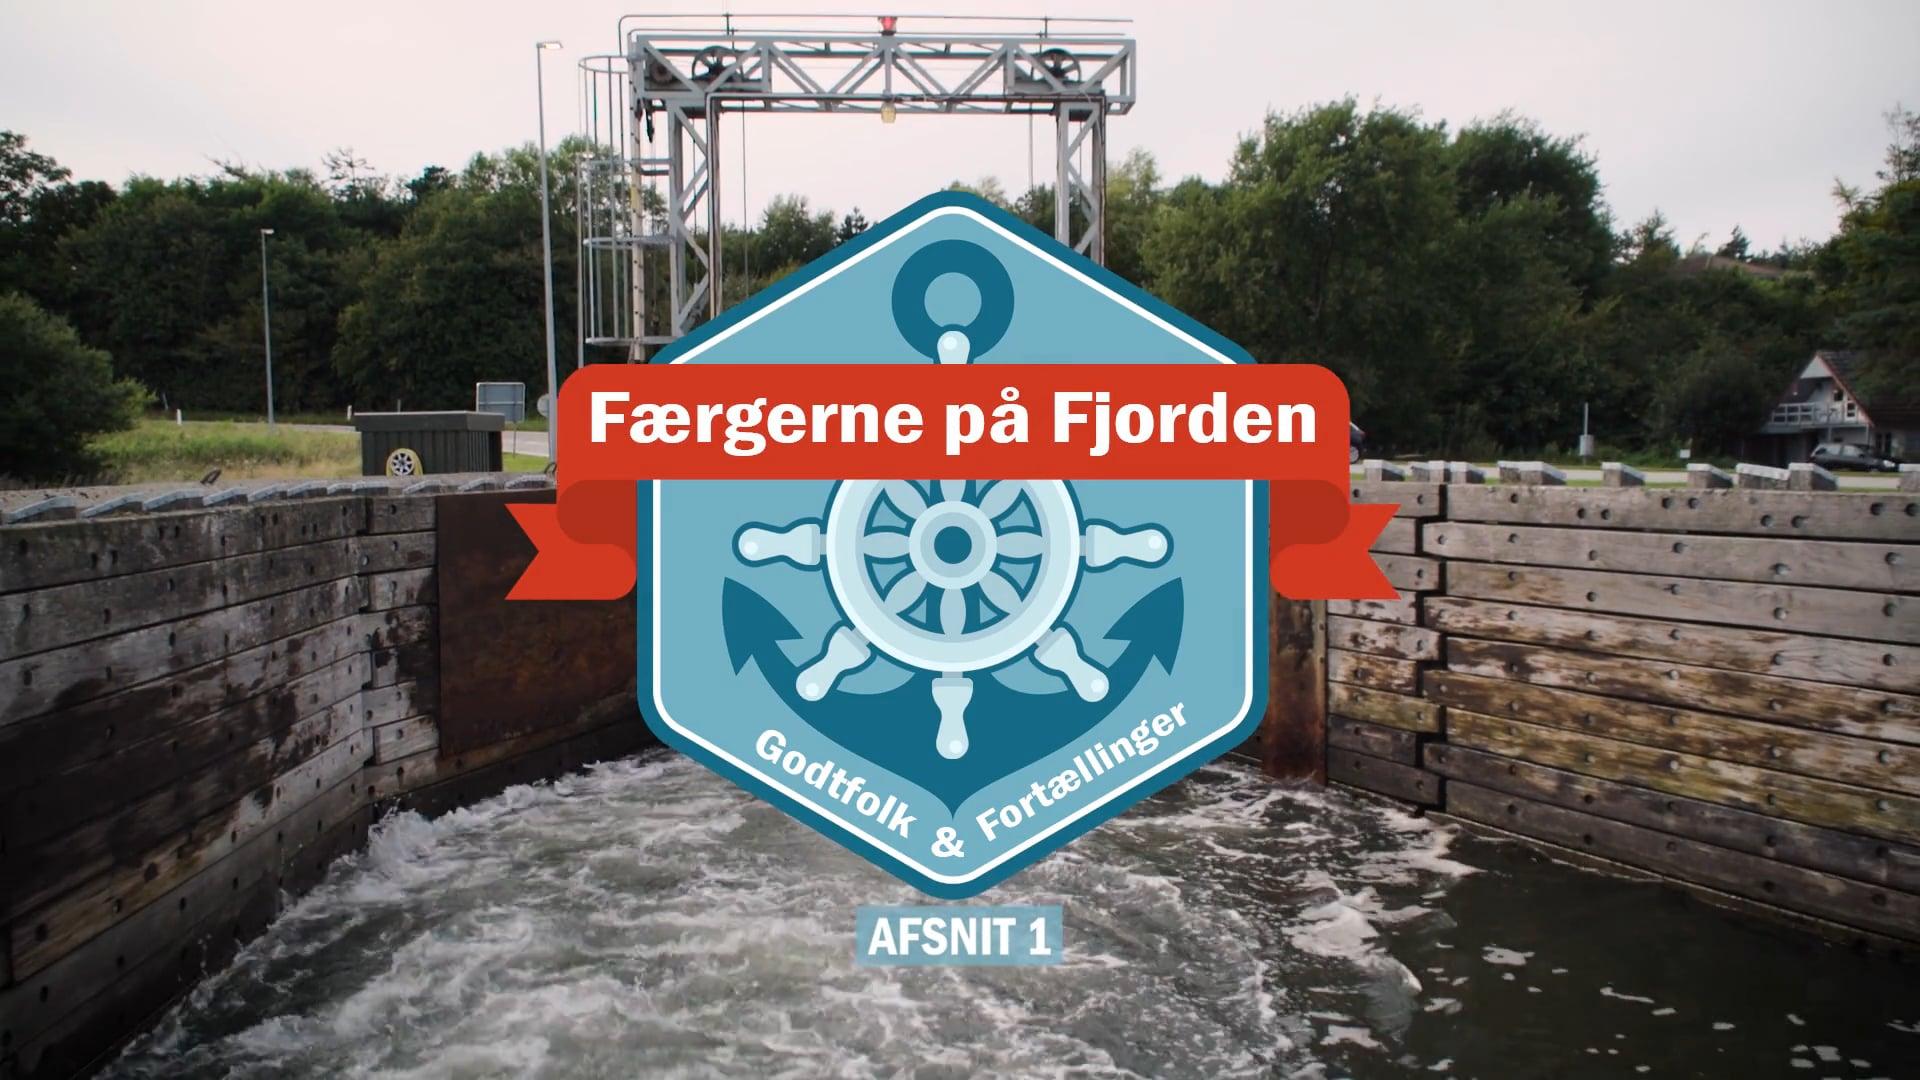 Færgerne på Fjorden PGM1